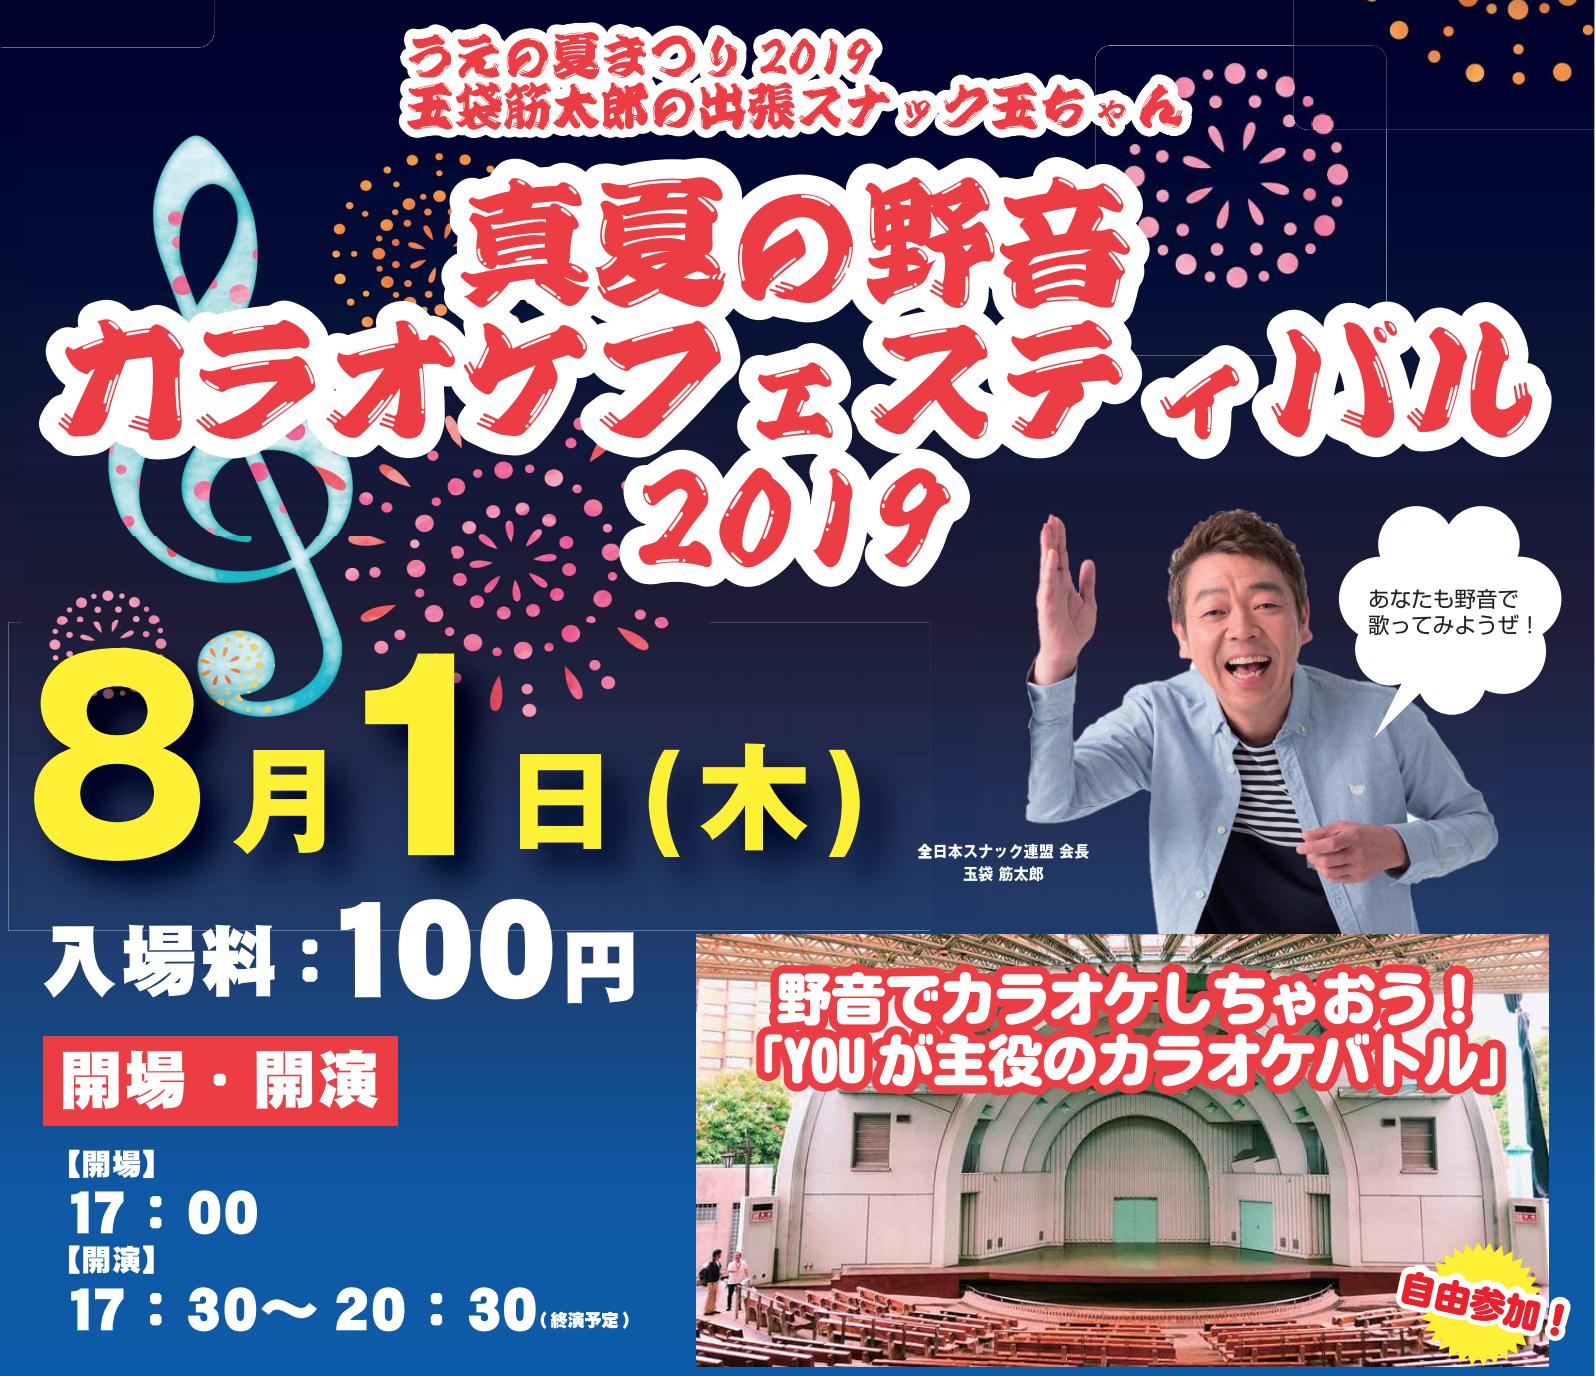 出張スナック玉ちゃんin上野 開催決定!!